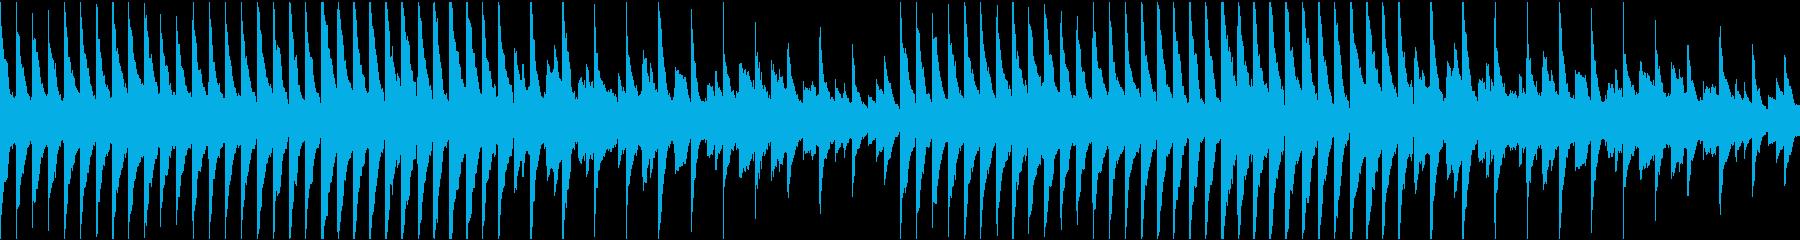 怖い雰囲気のピアノの再生済みの波形